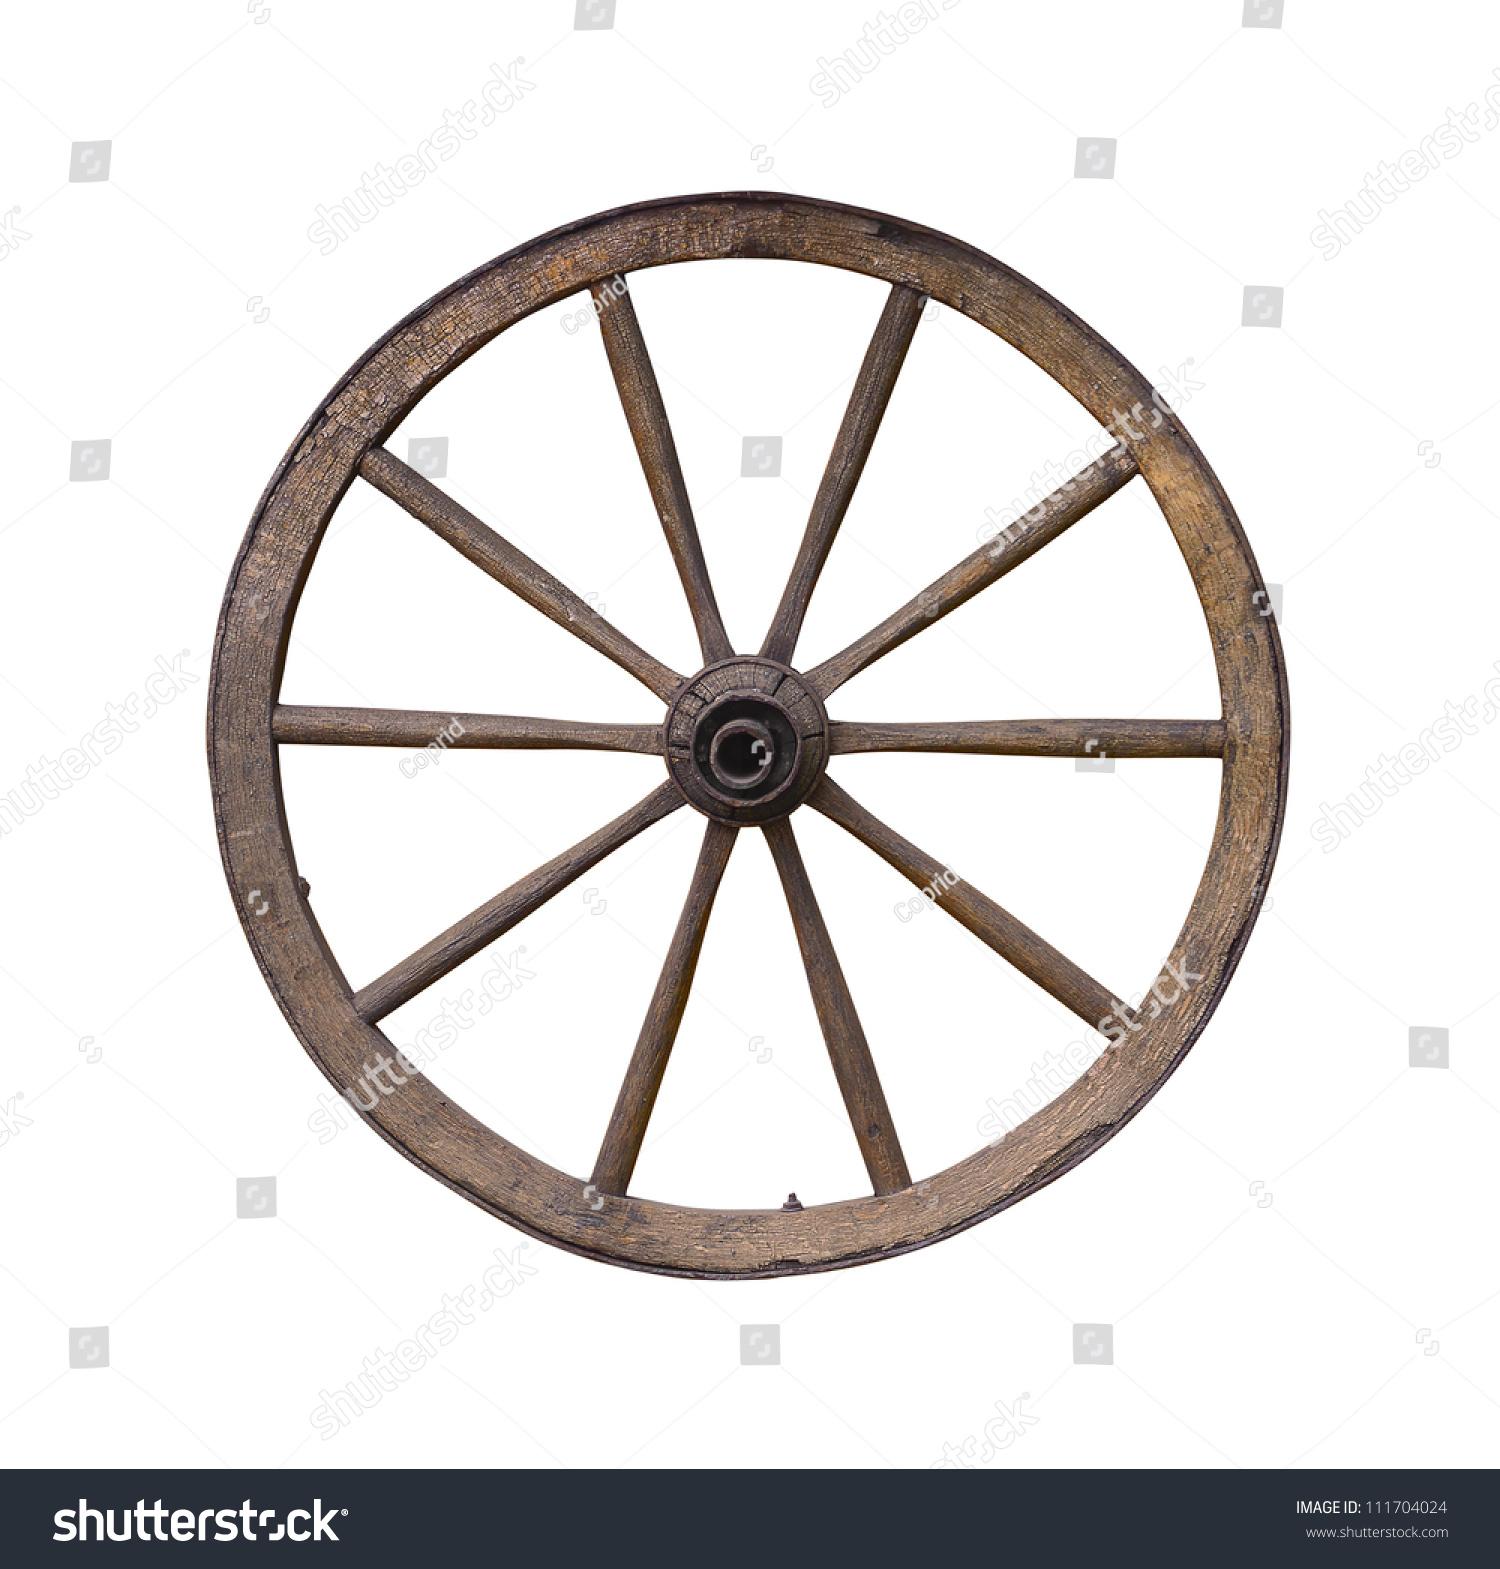 Wooden Wagon Wheels ~ Old wooden wagon wheel on white stock photo